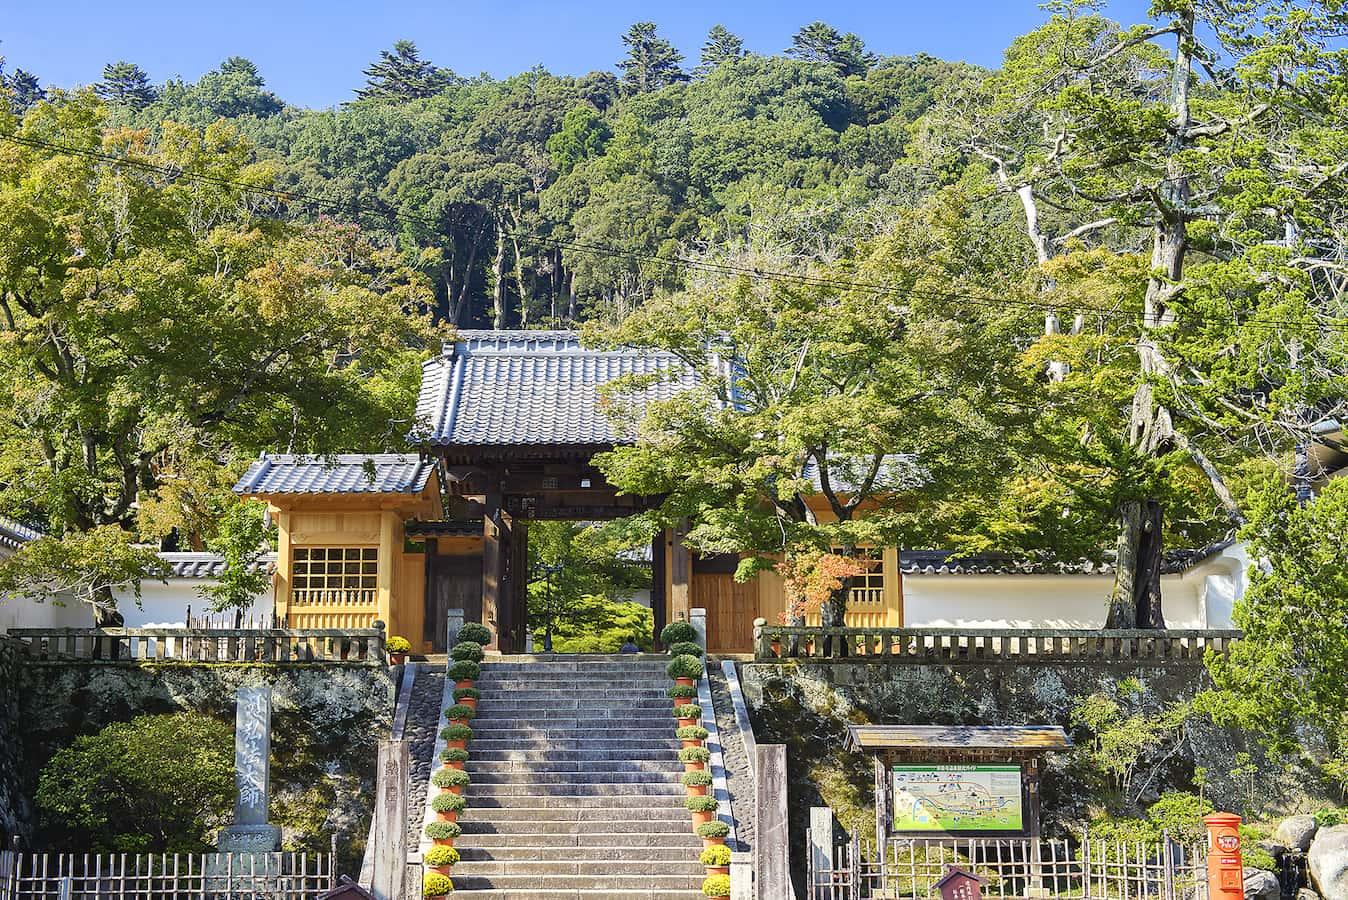 Shuzen-ji